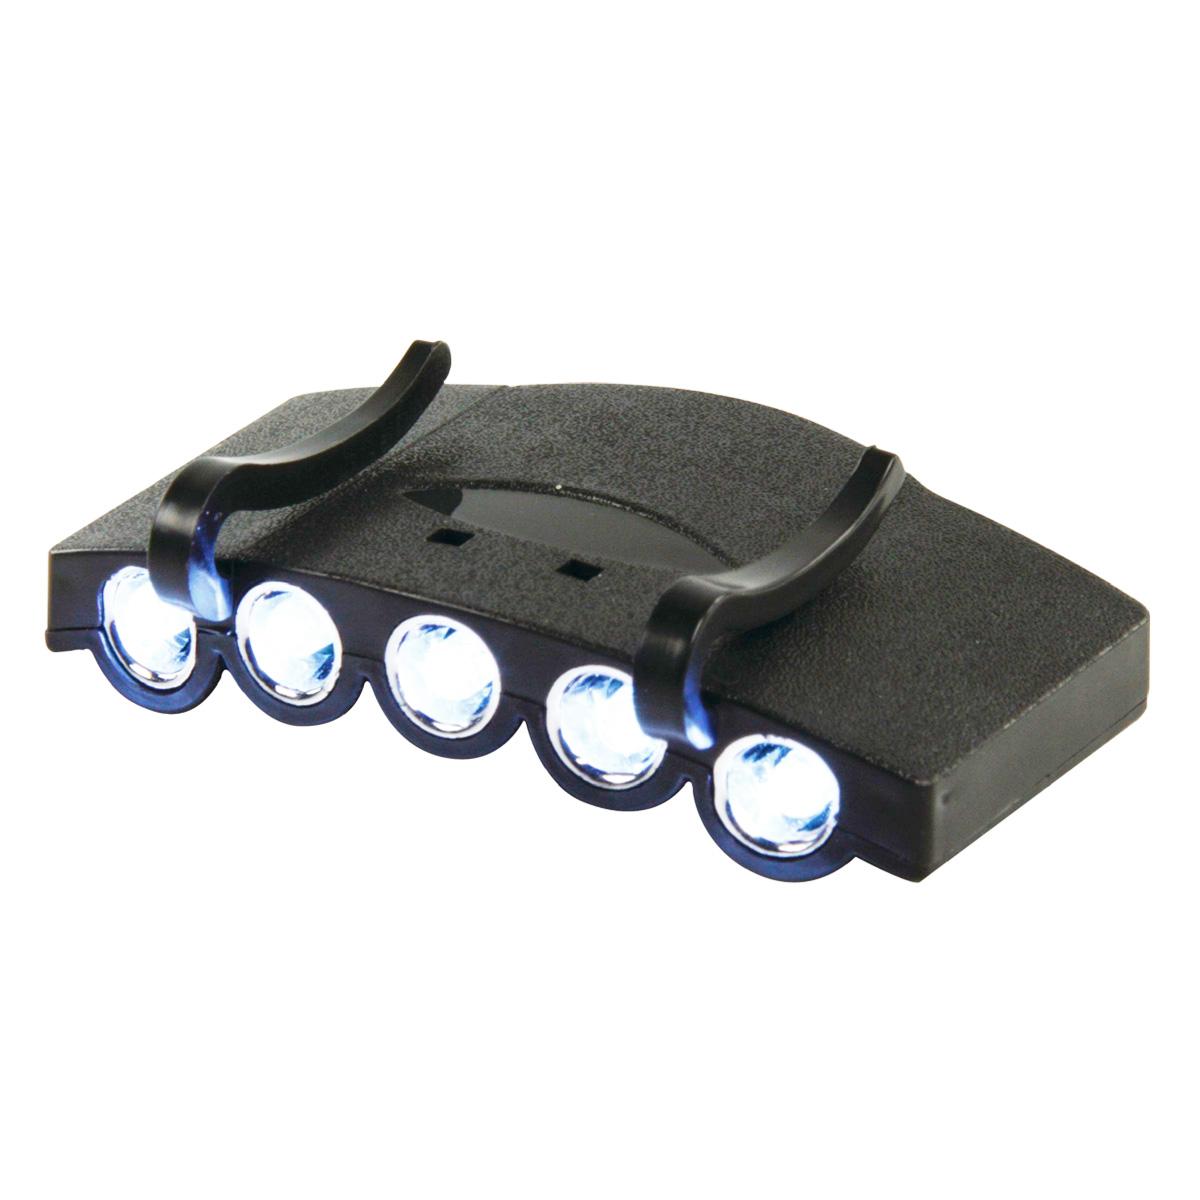 Luz LED ultra brillante para gorras Luz LED ultra brillante para gorras ... bb91aff2d99